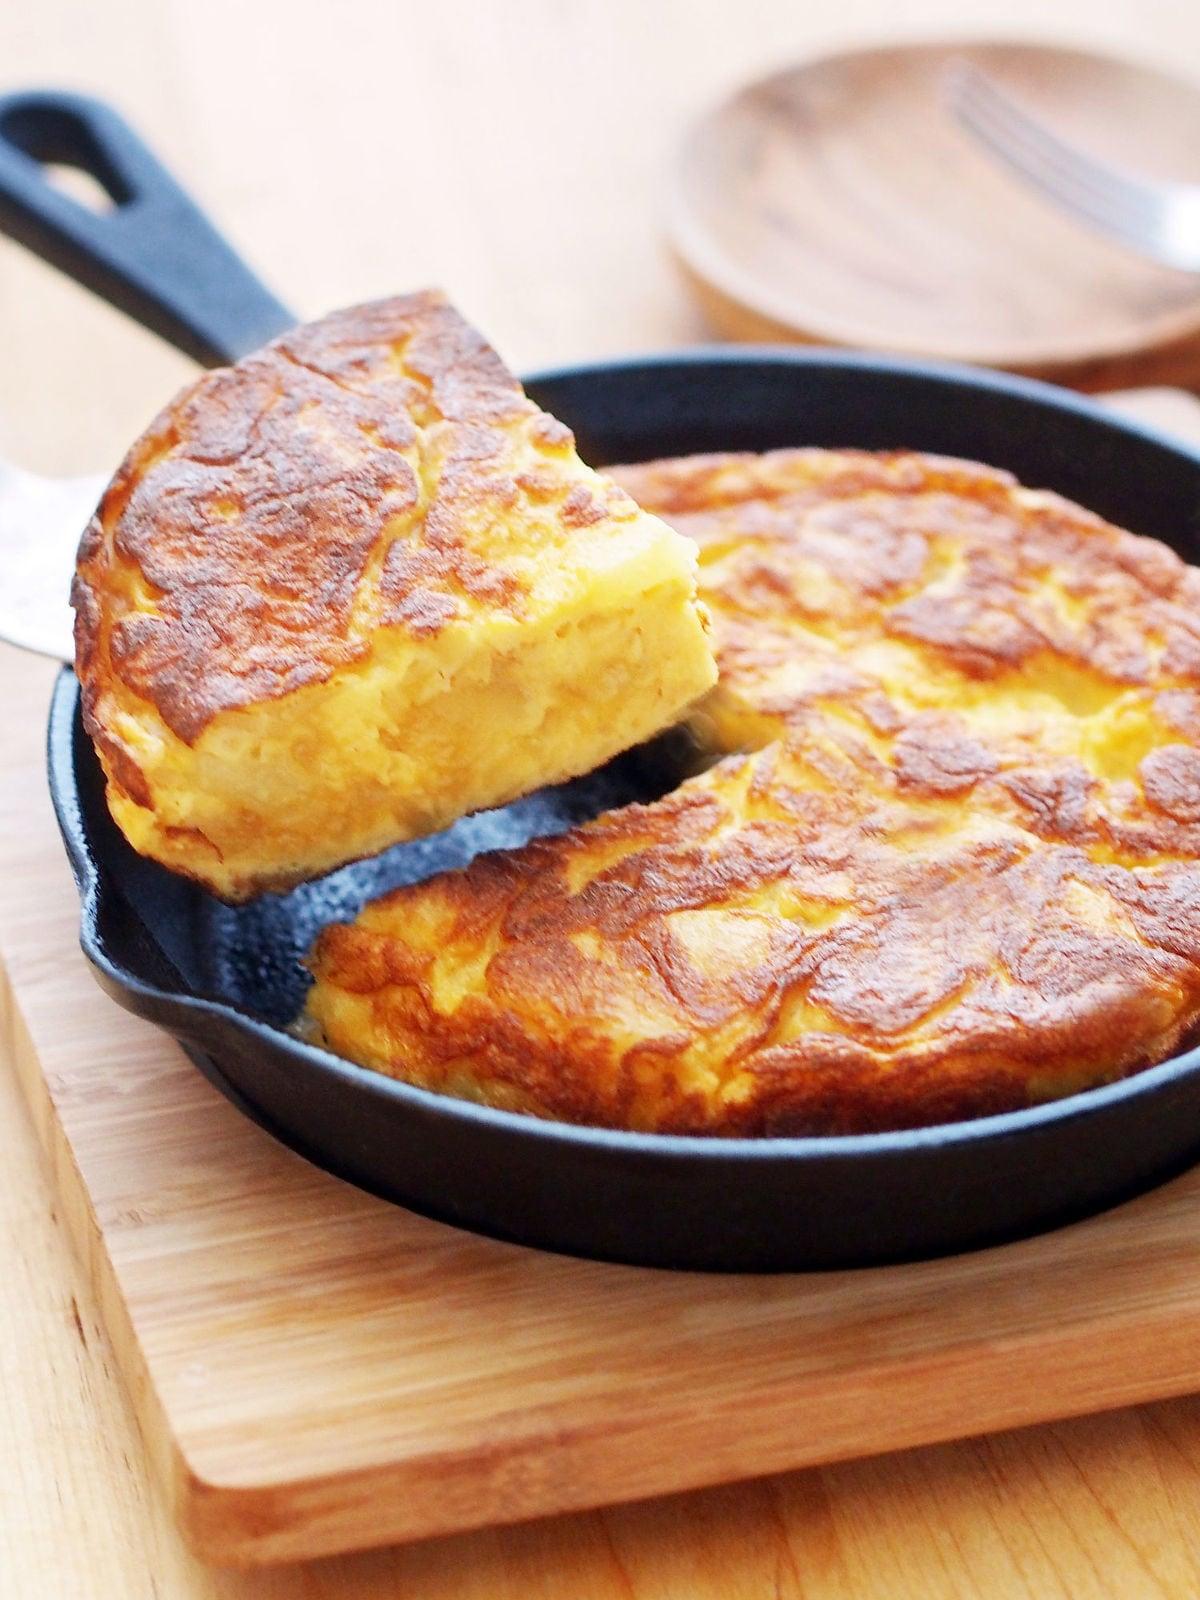 スペイン オムレツ レシピ 【みんなが作ってる】 スパニッシュオムレツのレシピ